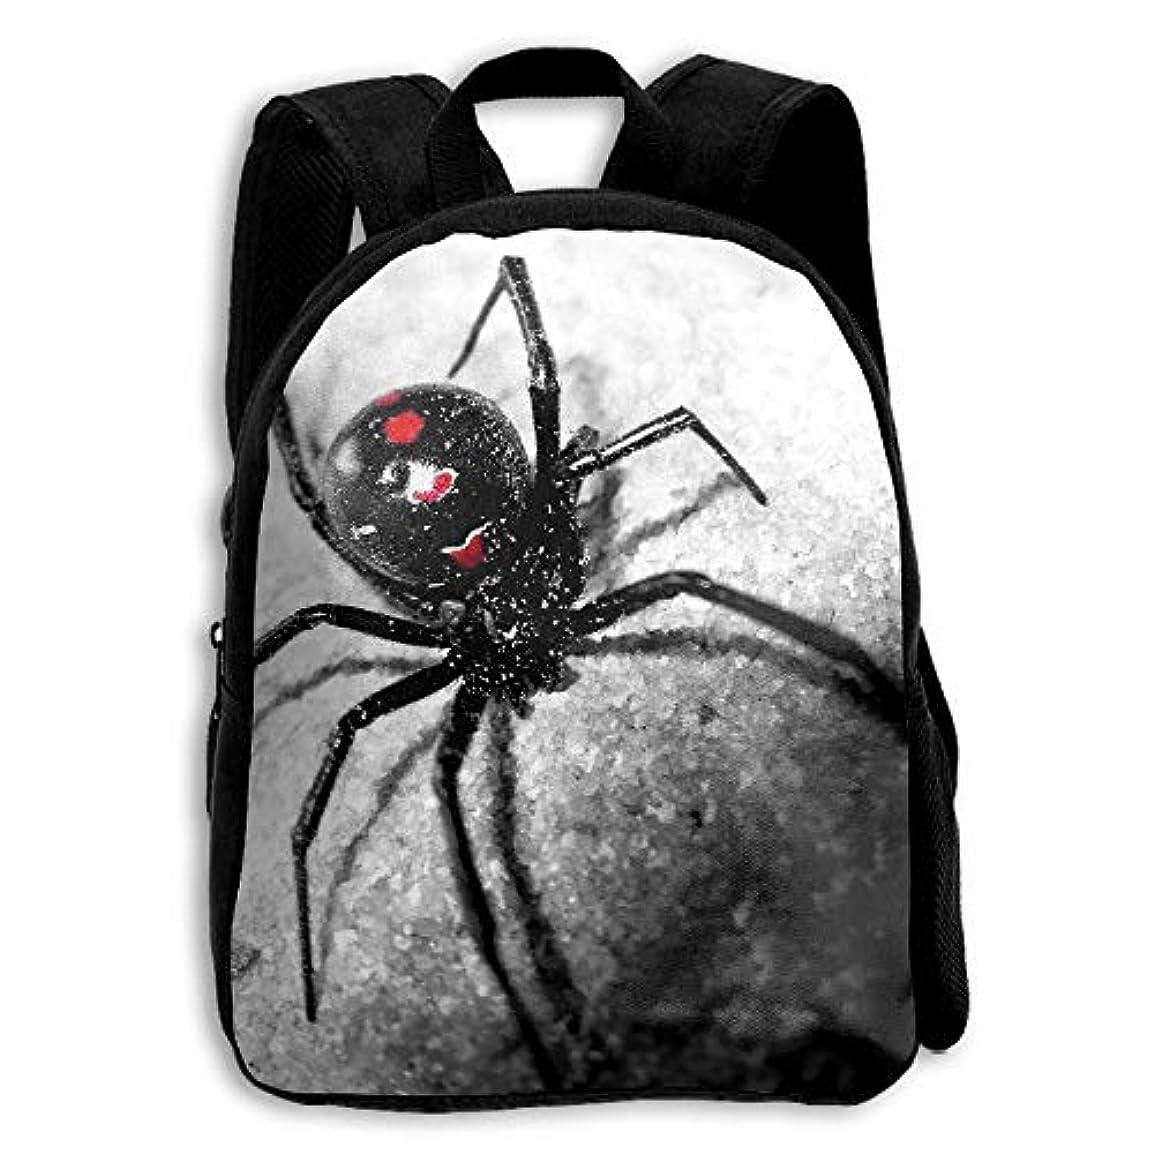 不快な使役ピルキッズ バックパック 子供用 リュックサック 蜘蛛 スパイダー ショルダー デイパック アウトドア 男の子 女の子 通学 旅行 遠足